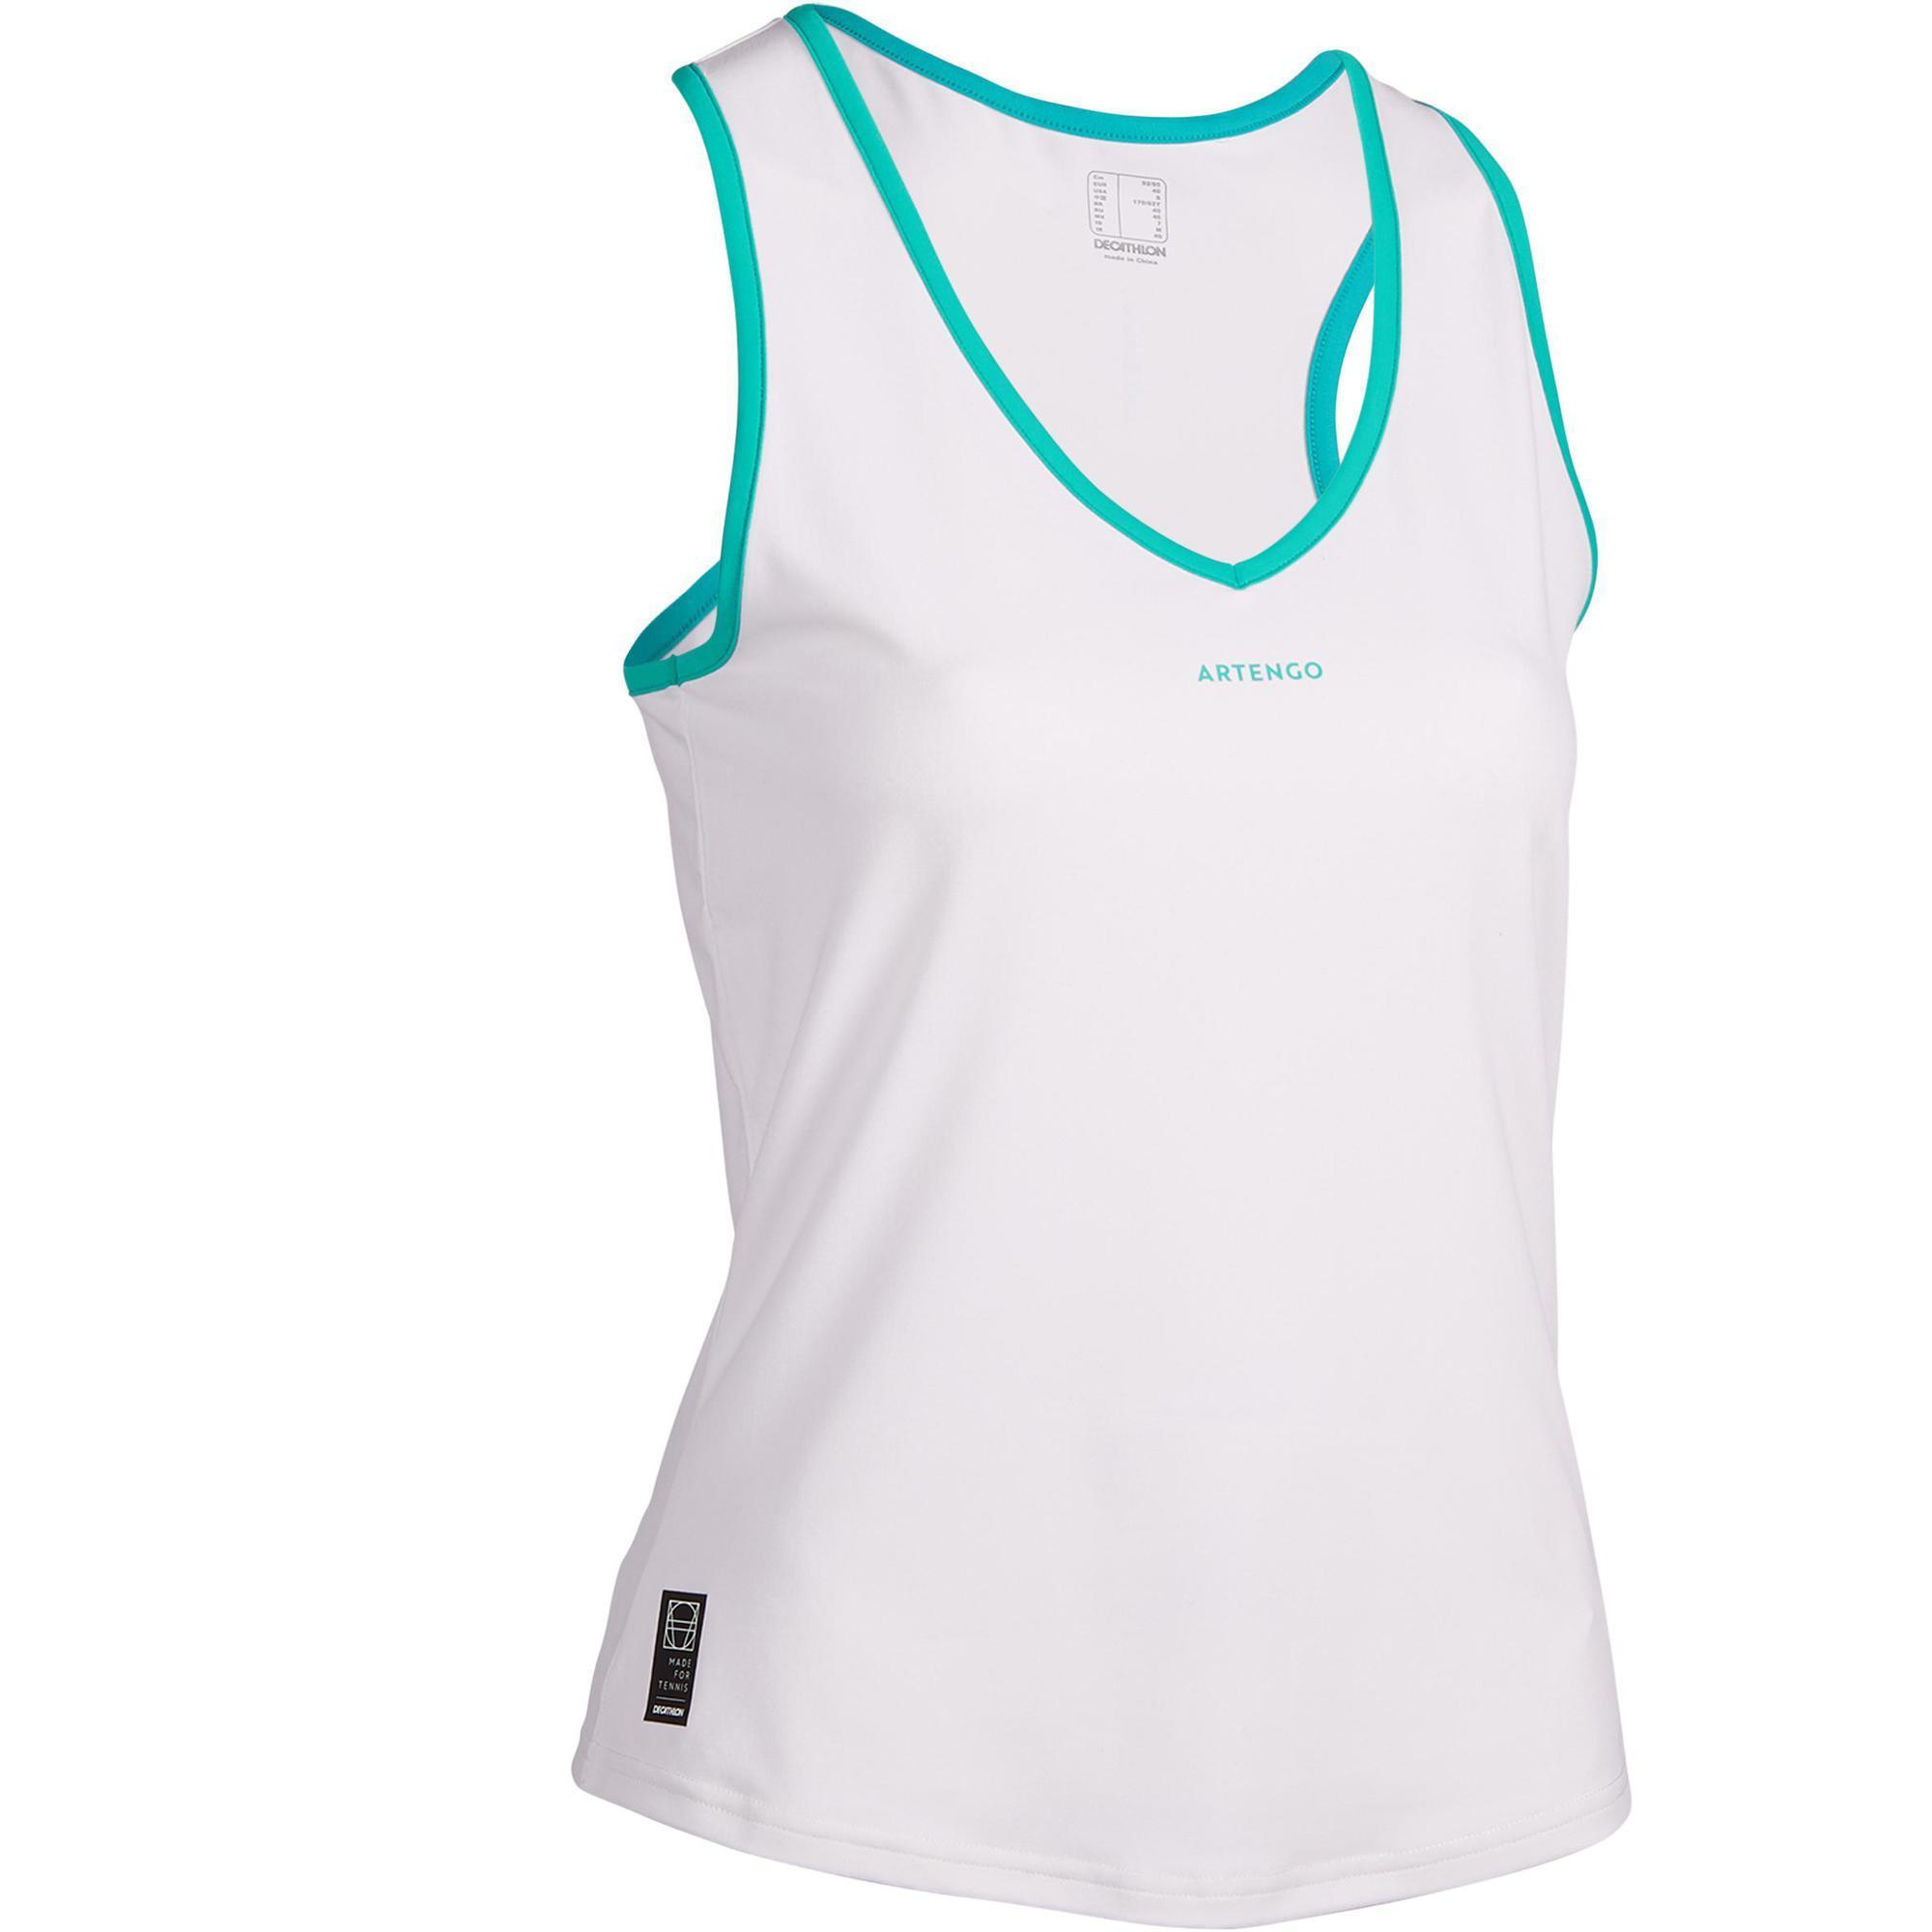 Artengo Tennistopje voor dames TK Light 900 wit